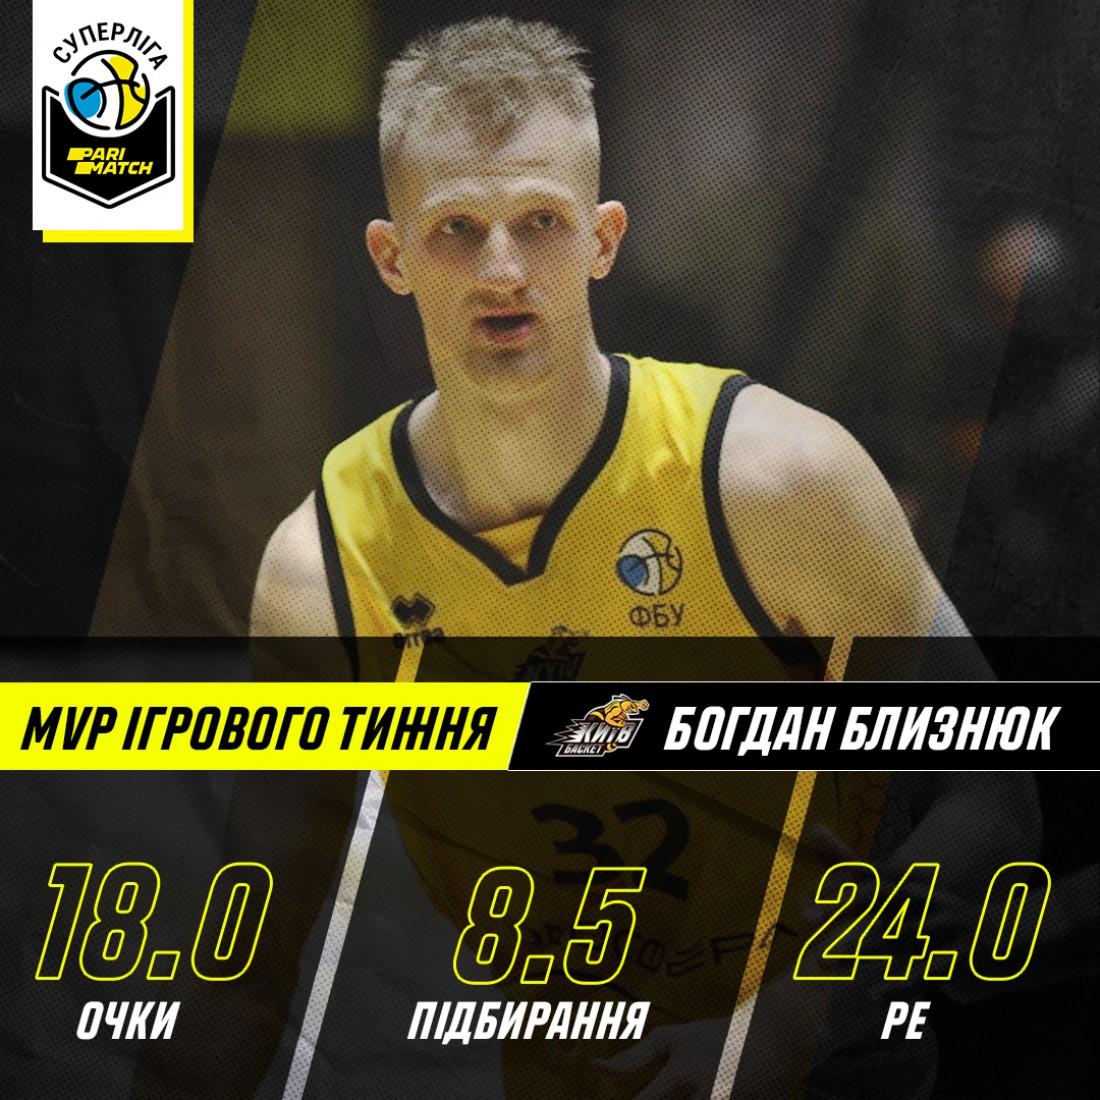 Богдан Близнюк - NVP Суперлиги